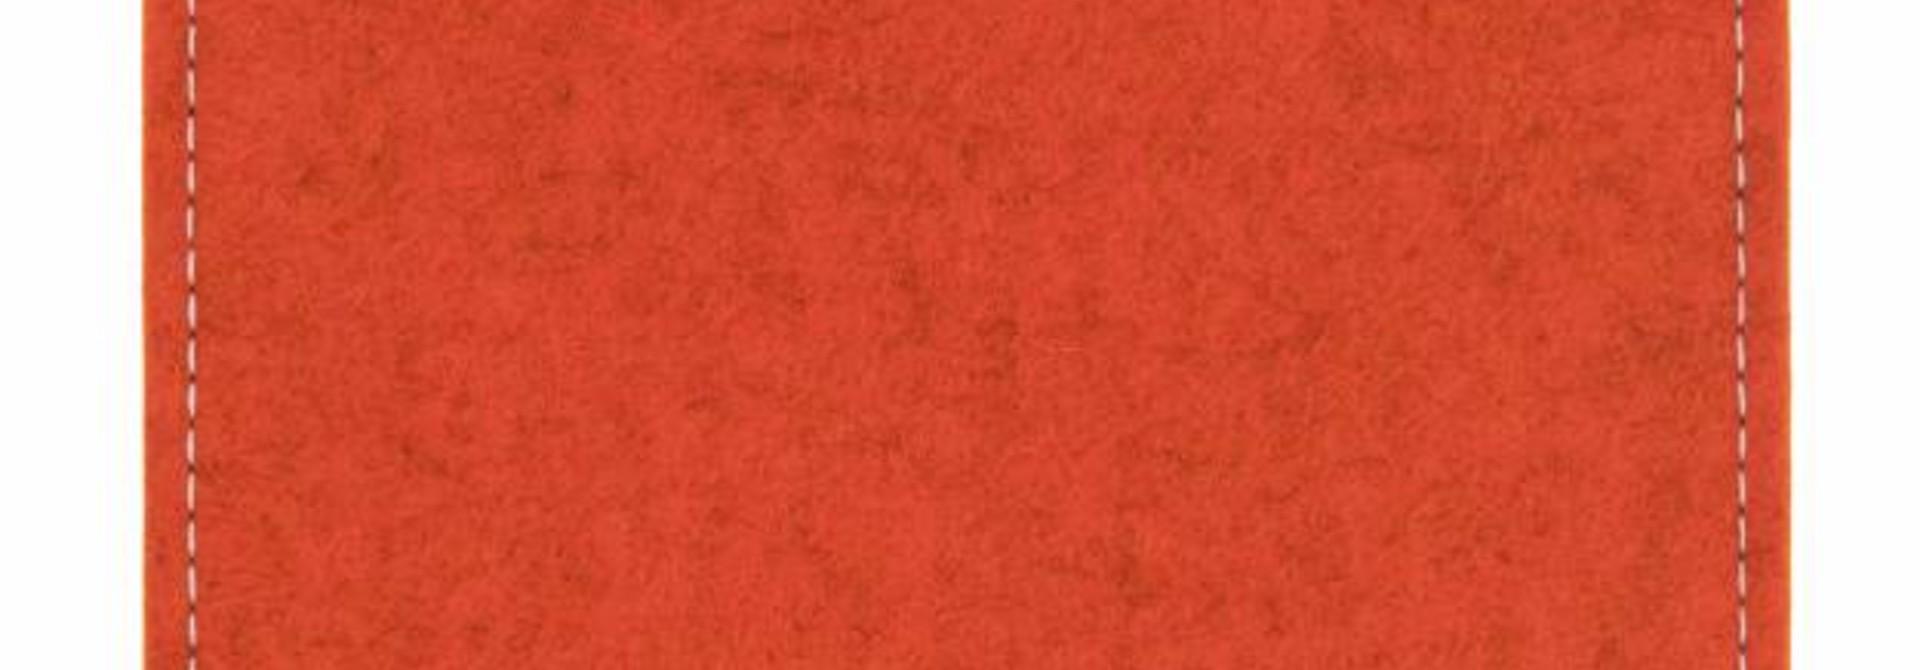 ZenBook Sleeve Rust